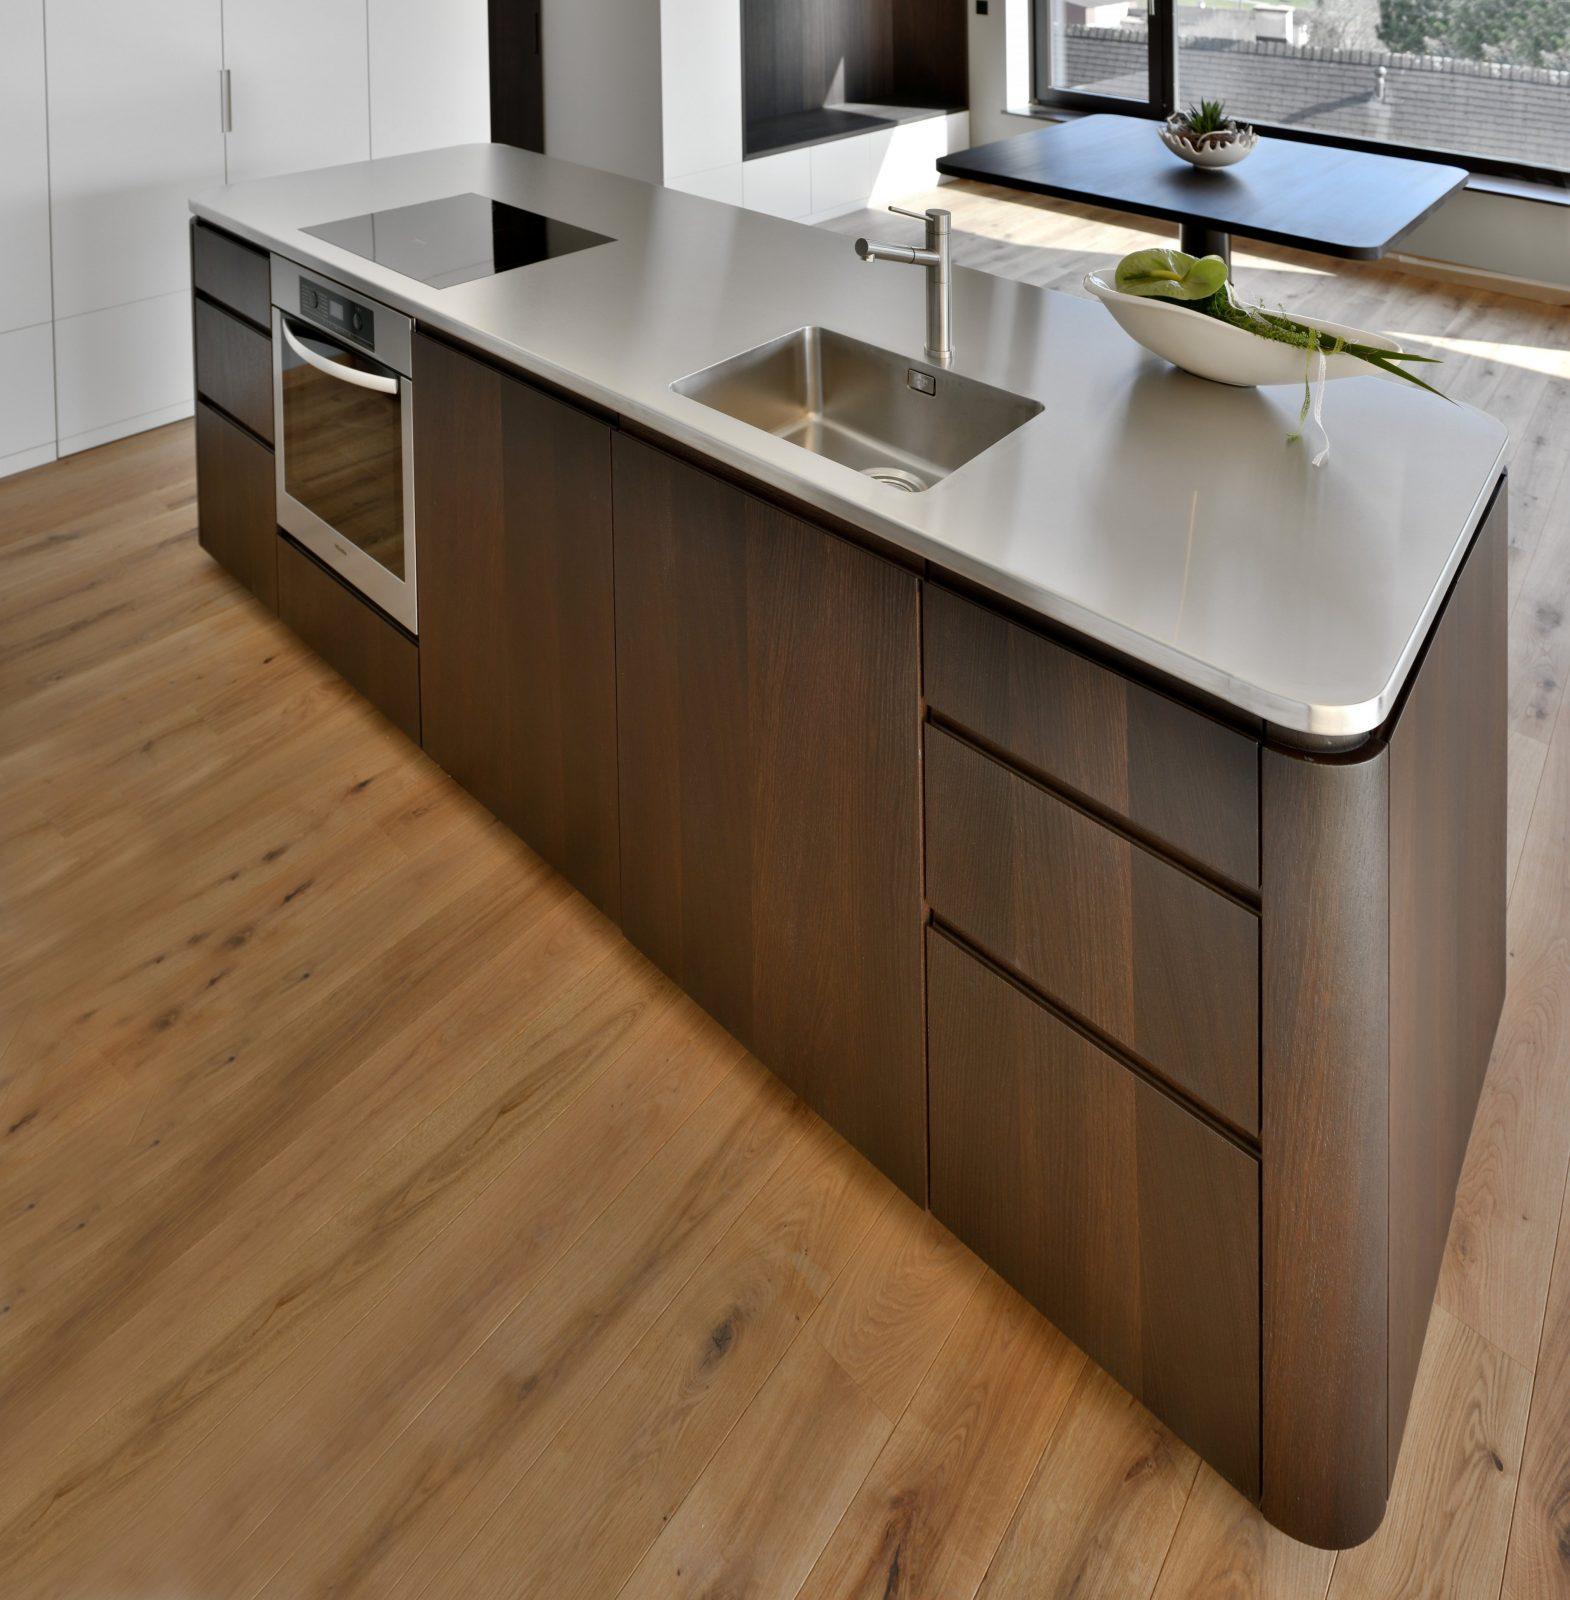 Küchenarbeitsplatte – Wikipedia von Küchenarbeitsplatte 70 Cm Breit Photo